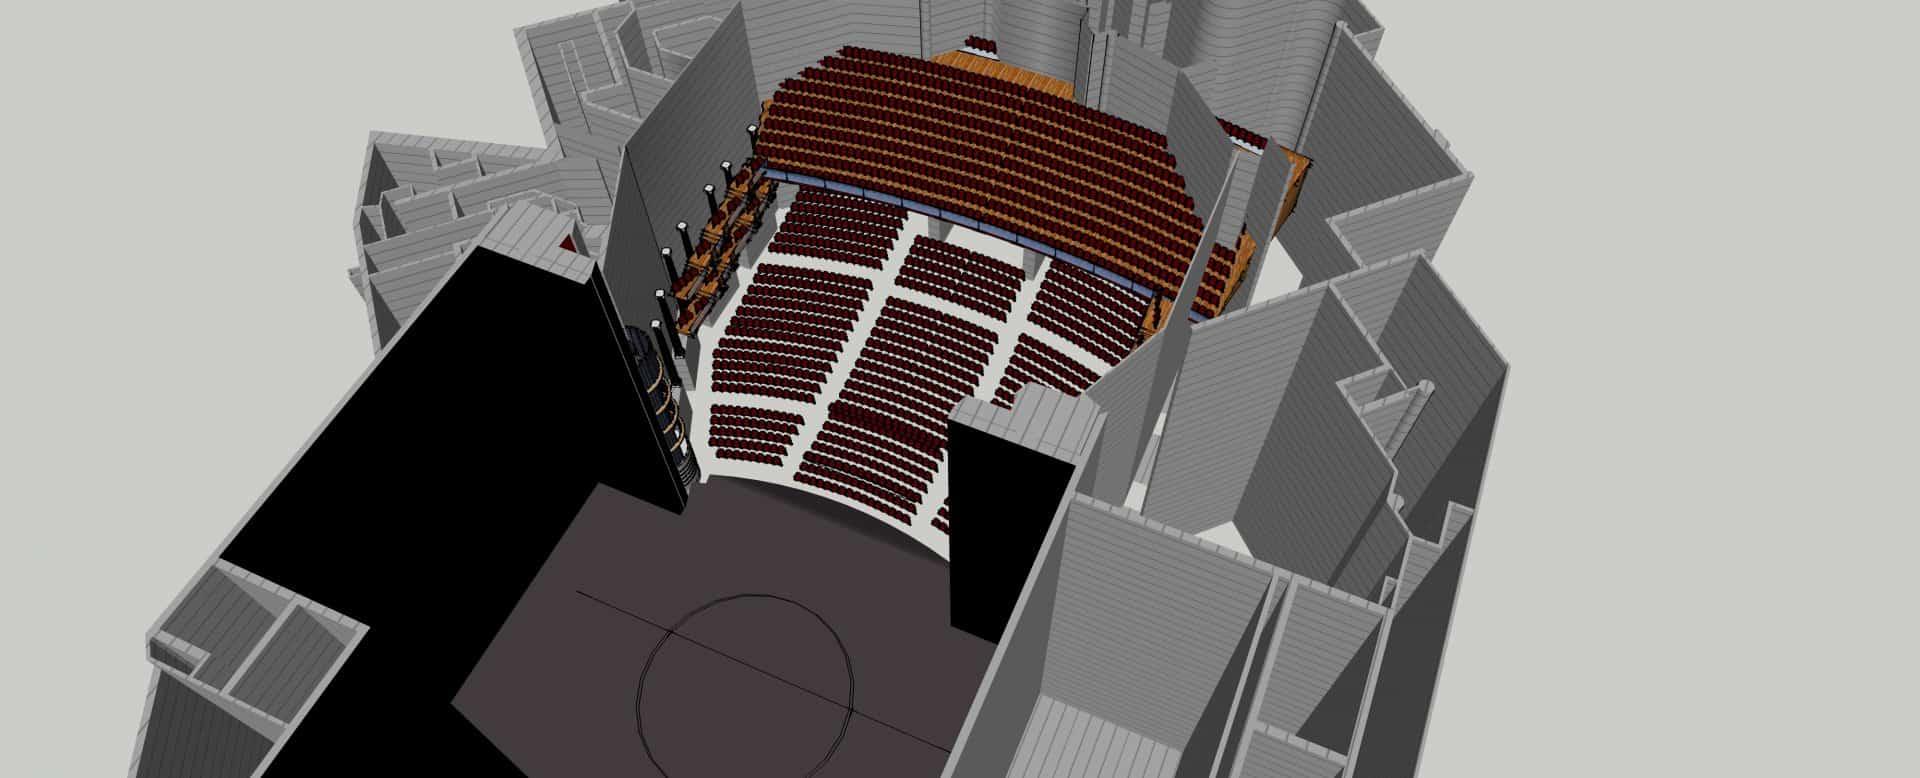 progettazione-eventi-service-per-concerti-audizioni-spettacoli-grossi-eventi (9)